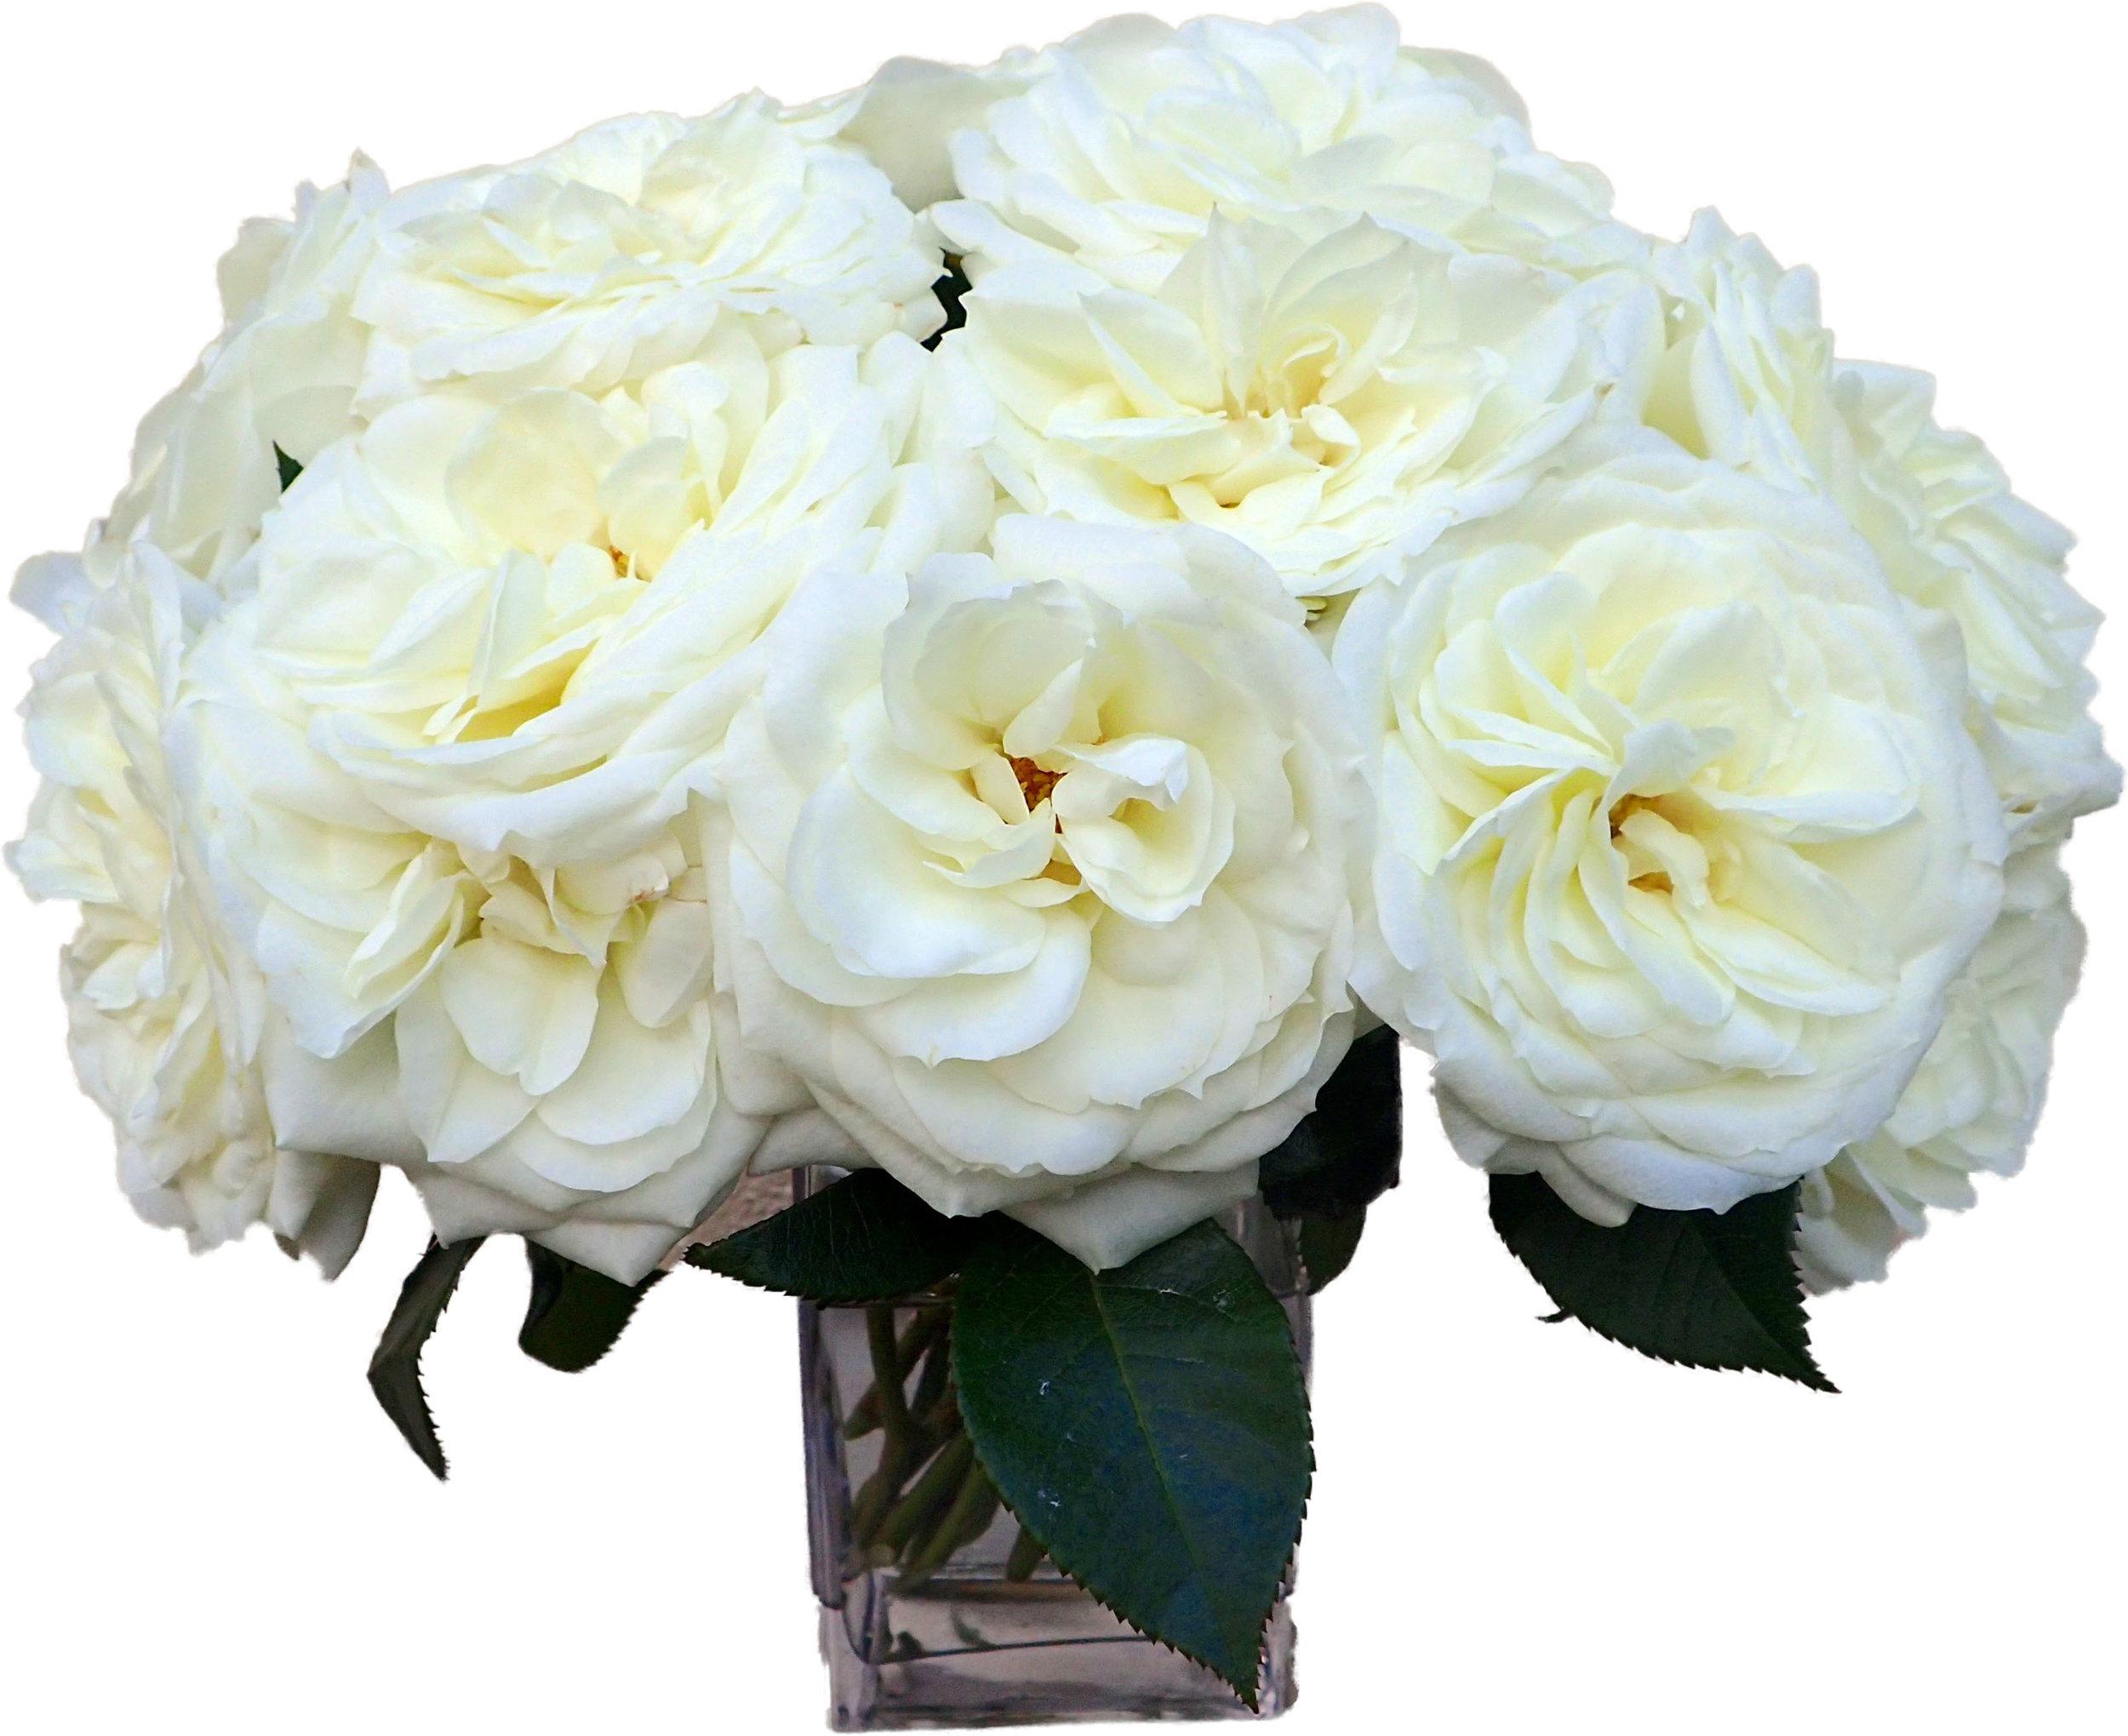 White Garden Roses start at $225